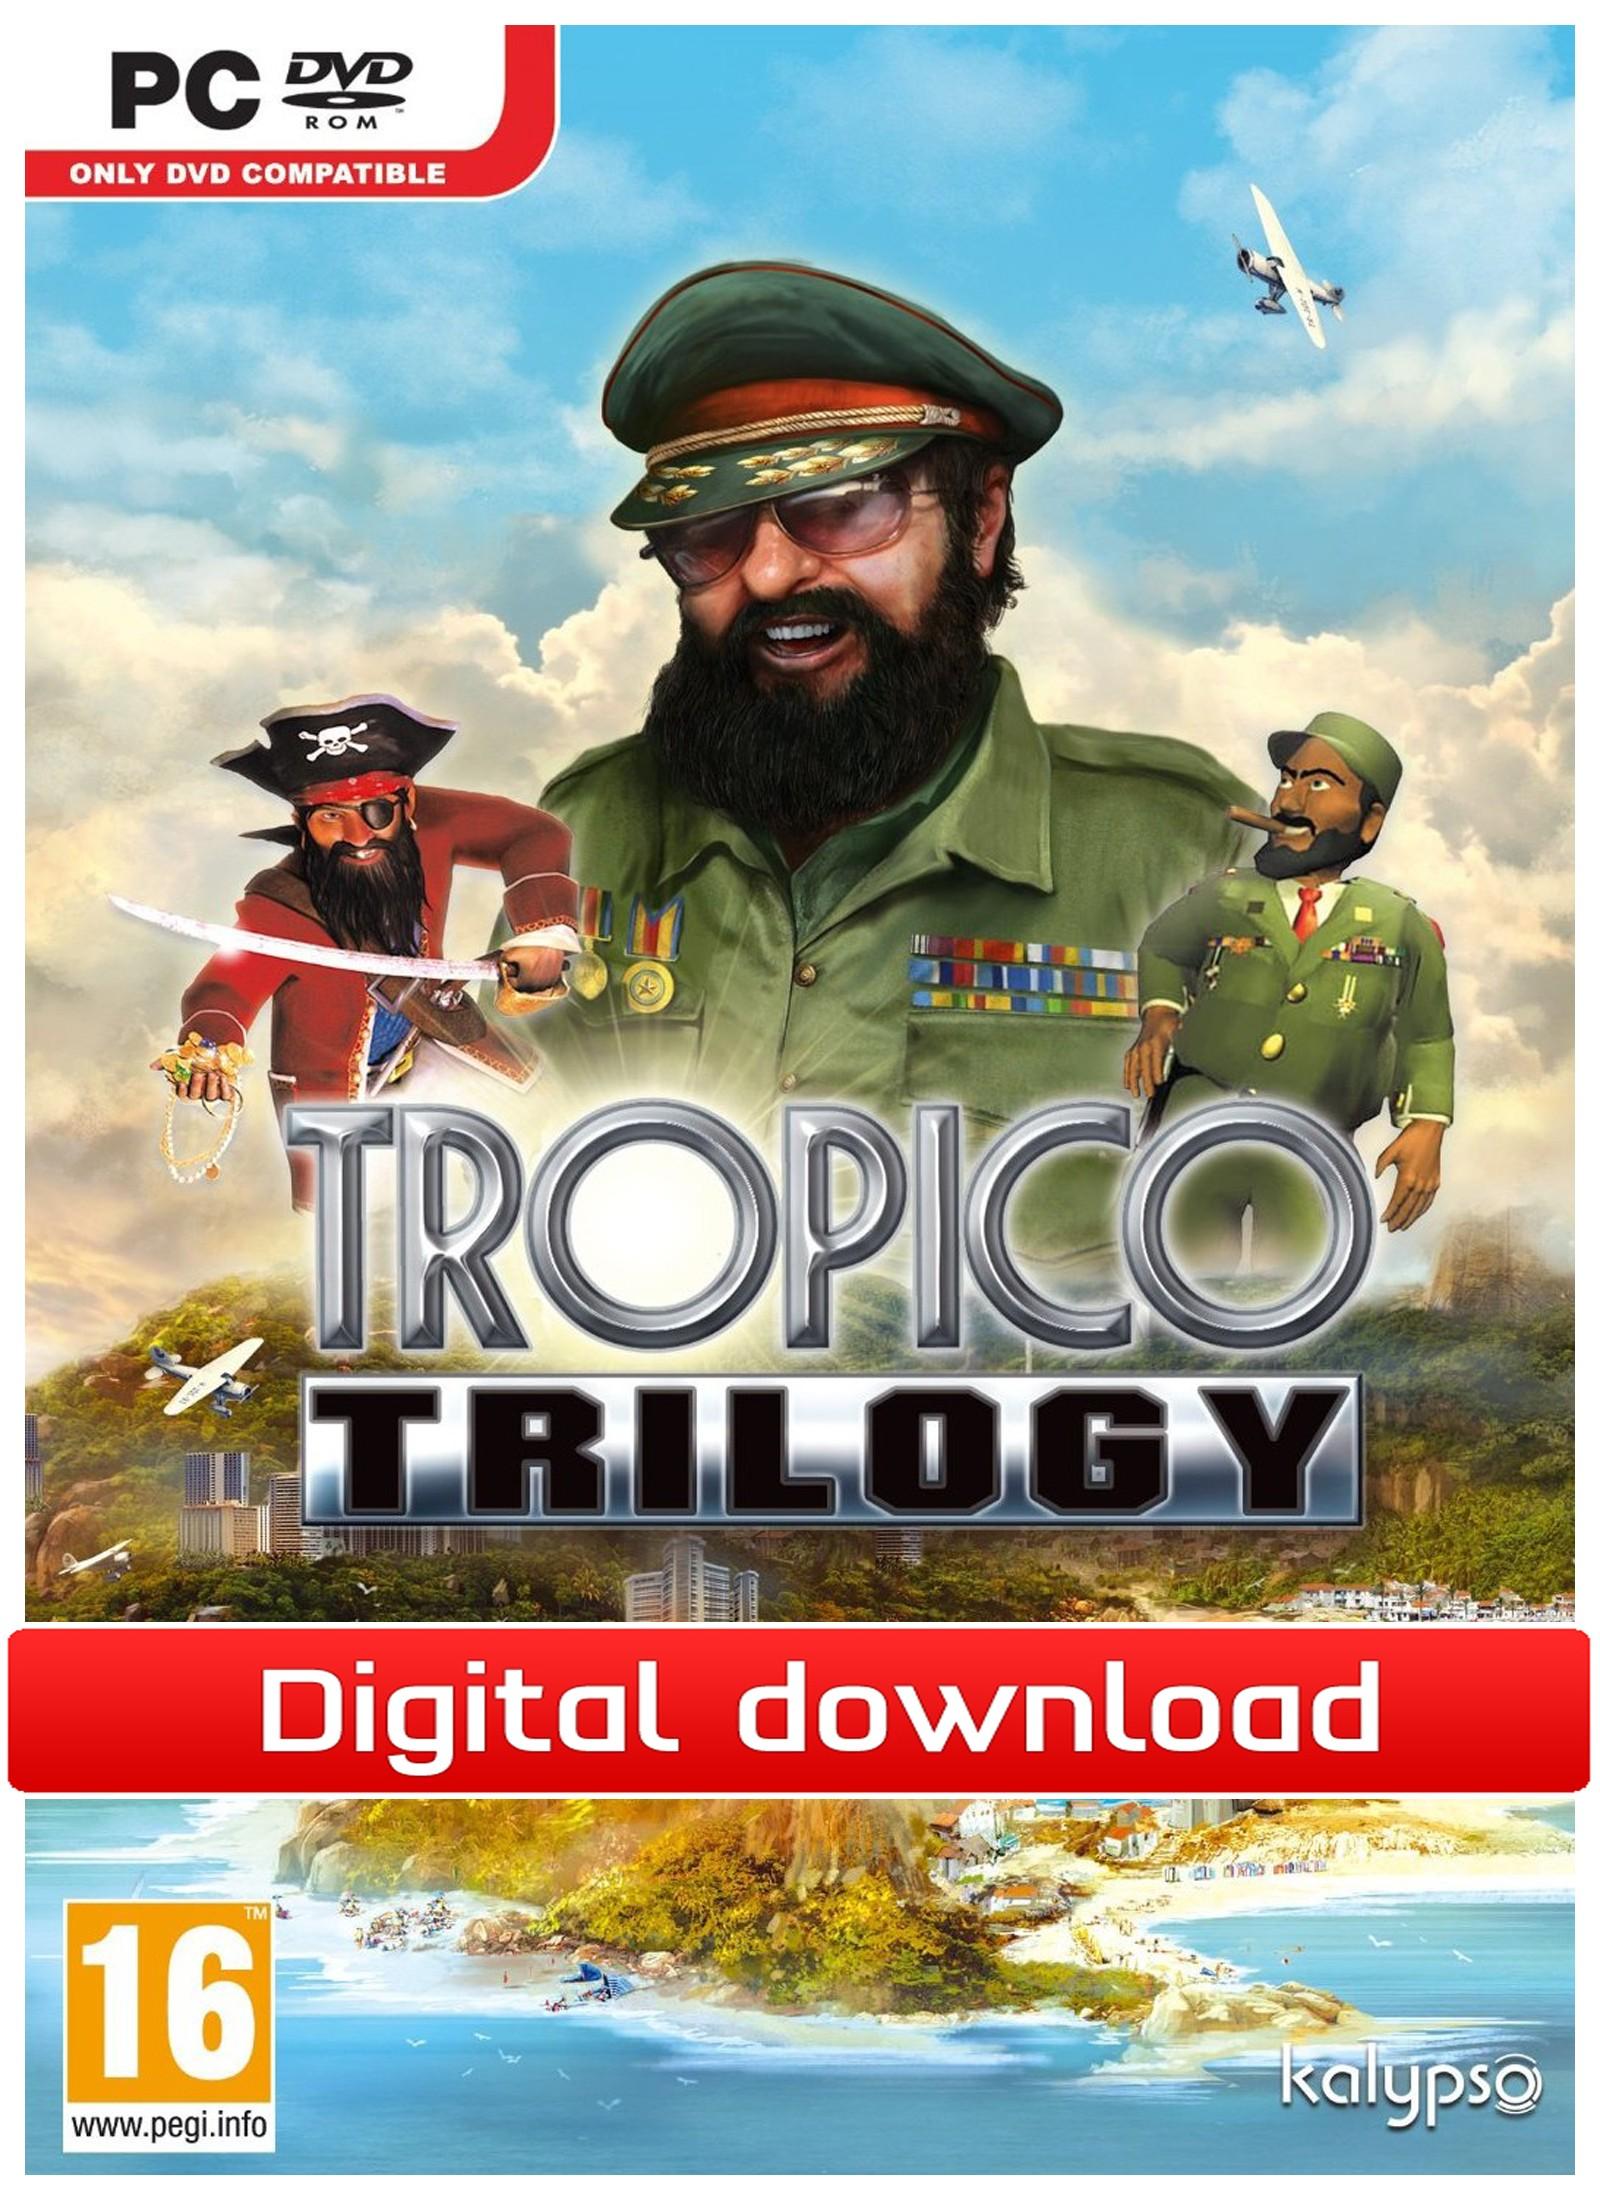 Tropico Trilogy (PC nedlastning) PCDD27639